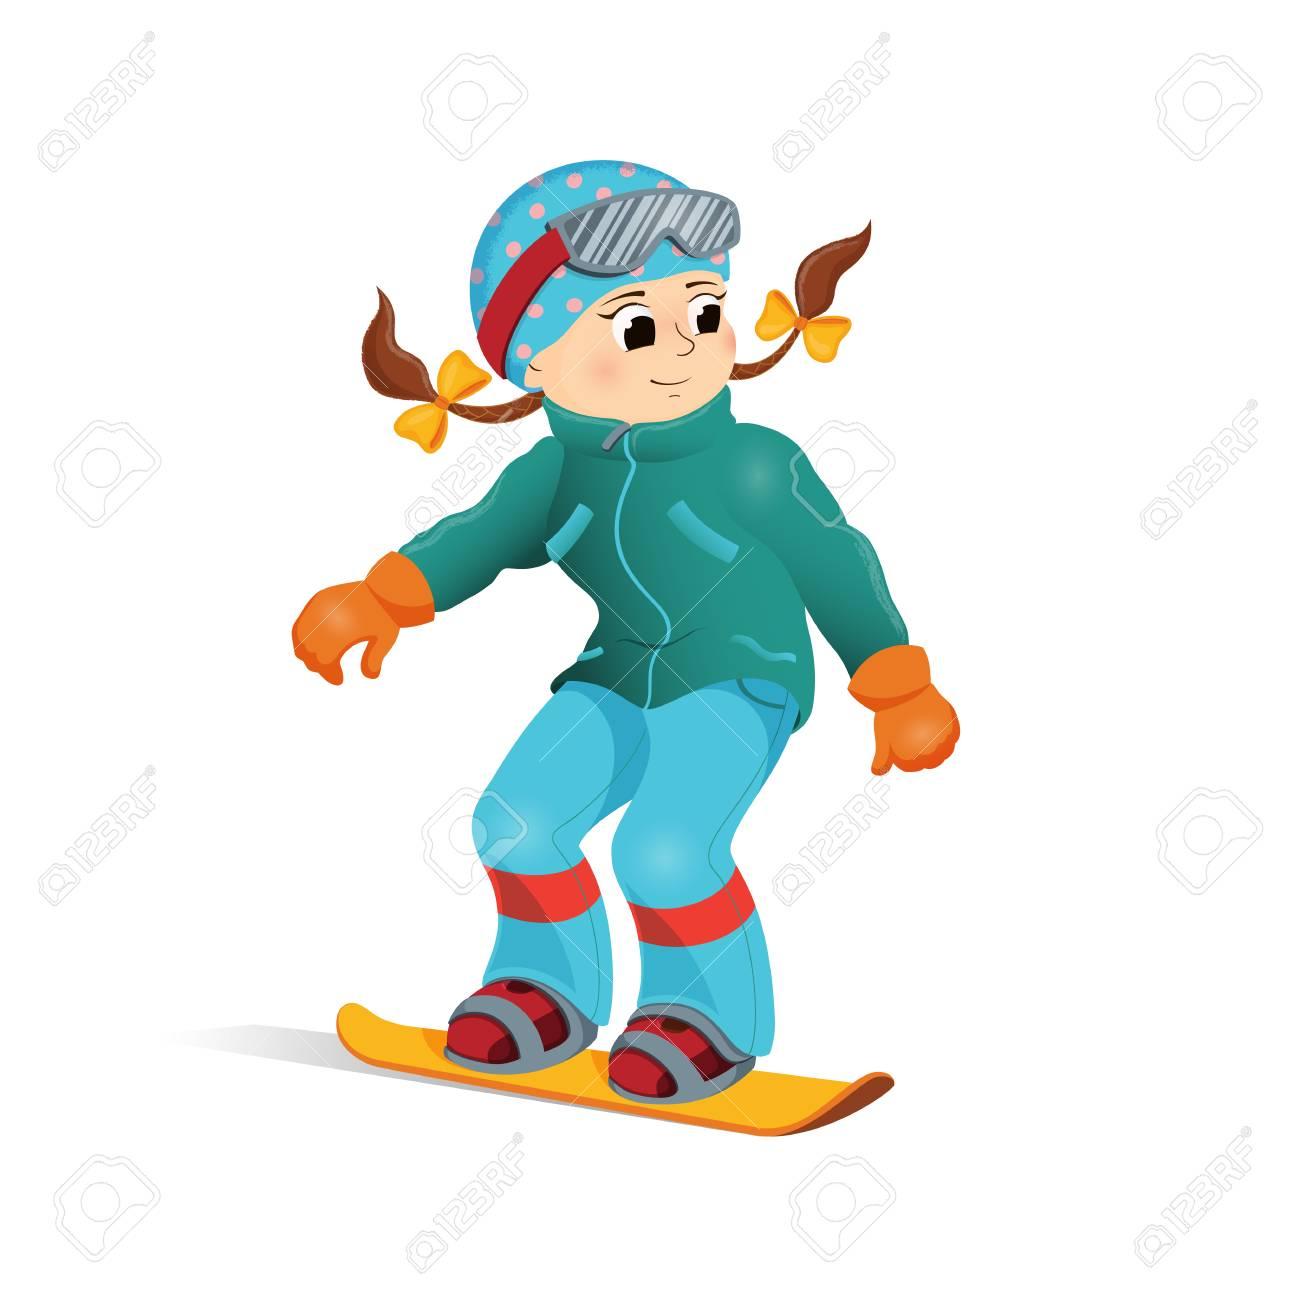 Niña Feliz En Ropa De Abrigo Snowboard Descenso Actividad De Deporte De Invierno Vector De Dibujos Animados Snowboard Niña Feliz Vacaciones De